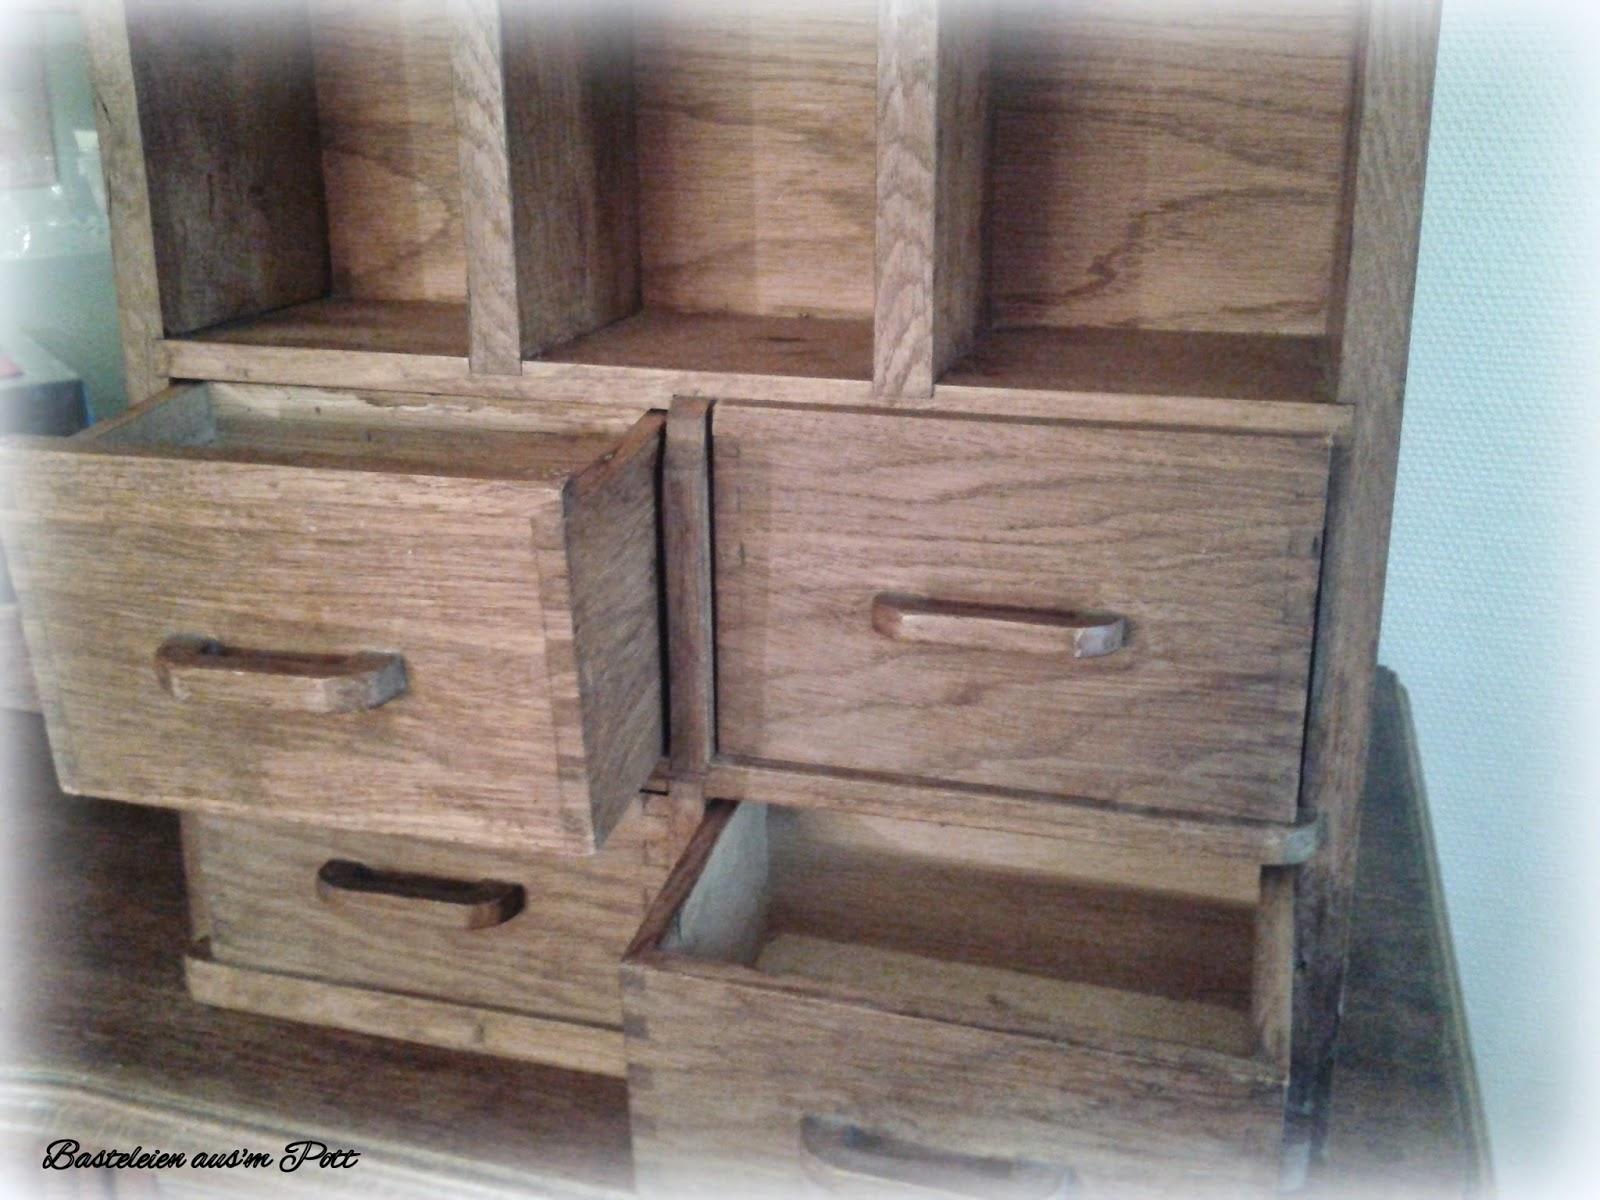 basteleien ausm pott sch bbiges geweisseltes. Black Bedroom Furniture Sets. Home Design Ideas